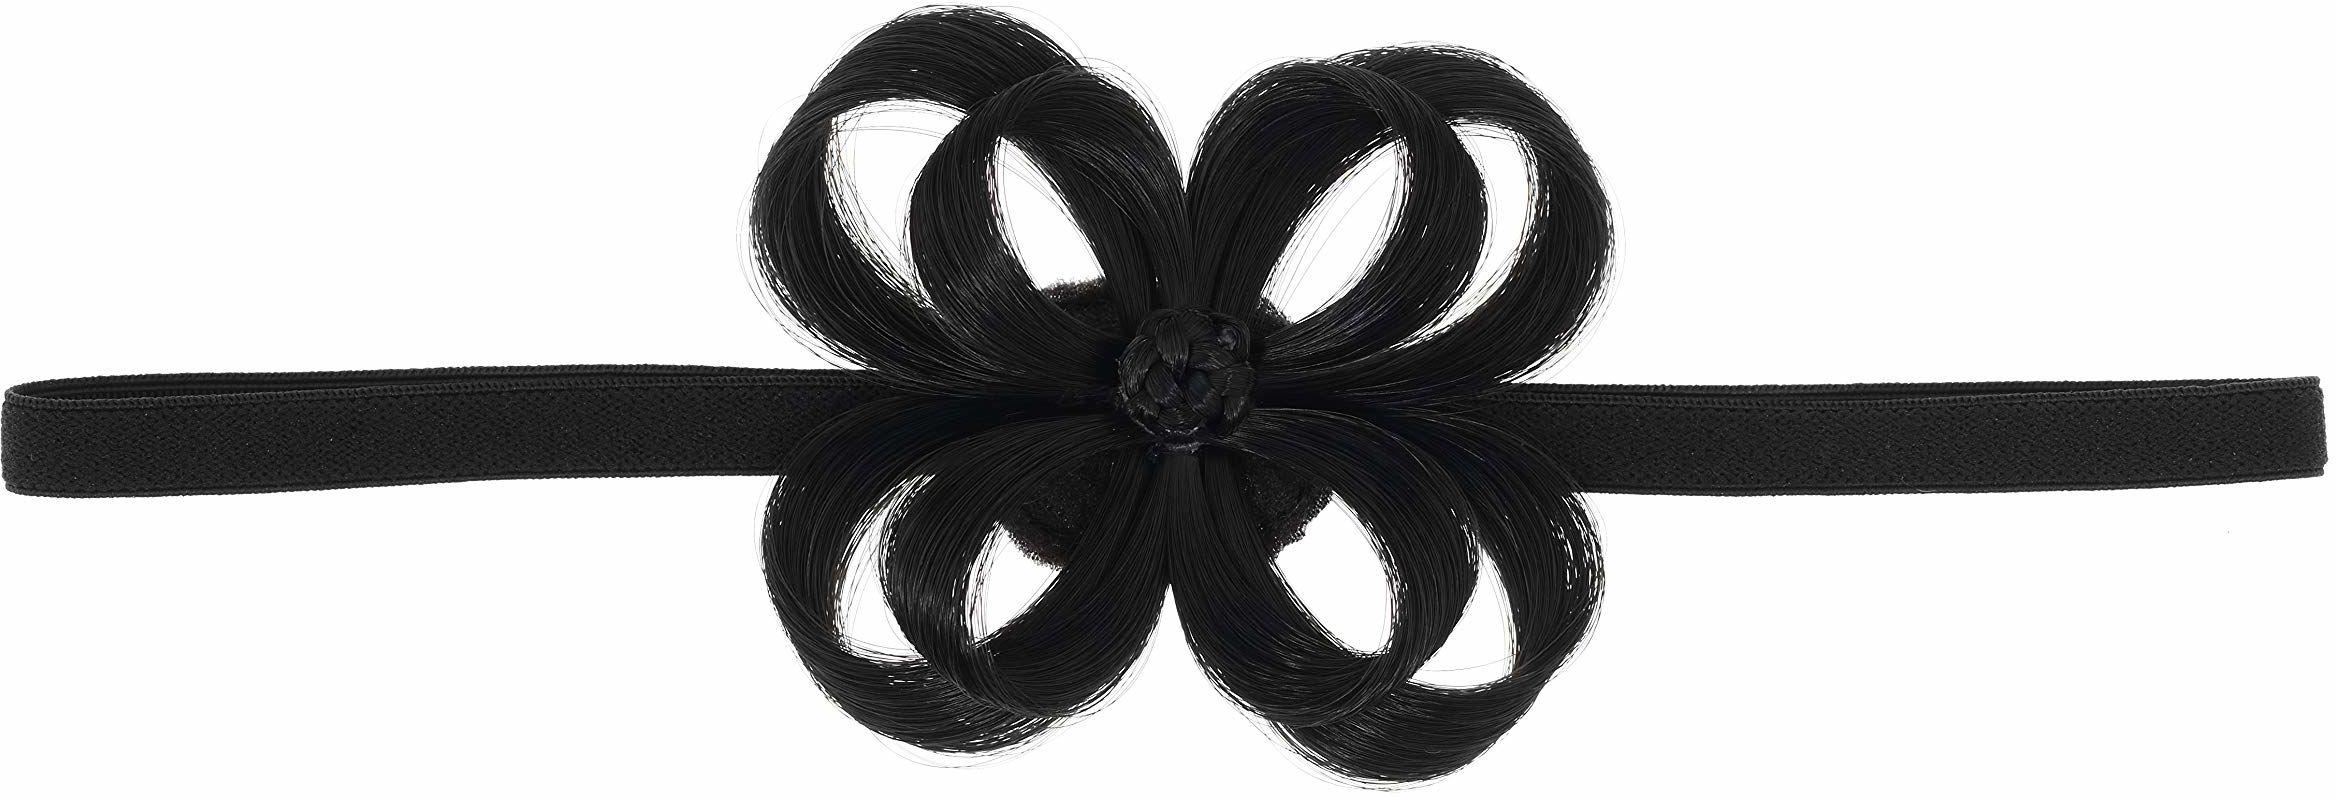 Love Hair Extensions Kwiat na elastycznej opasce na głowę kolor 1 - głęboka czerń, 1 opakowanie (1 x 1 sztuka)